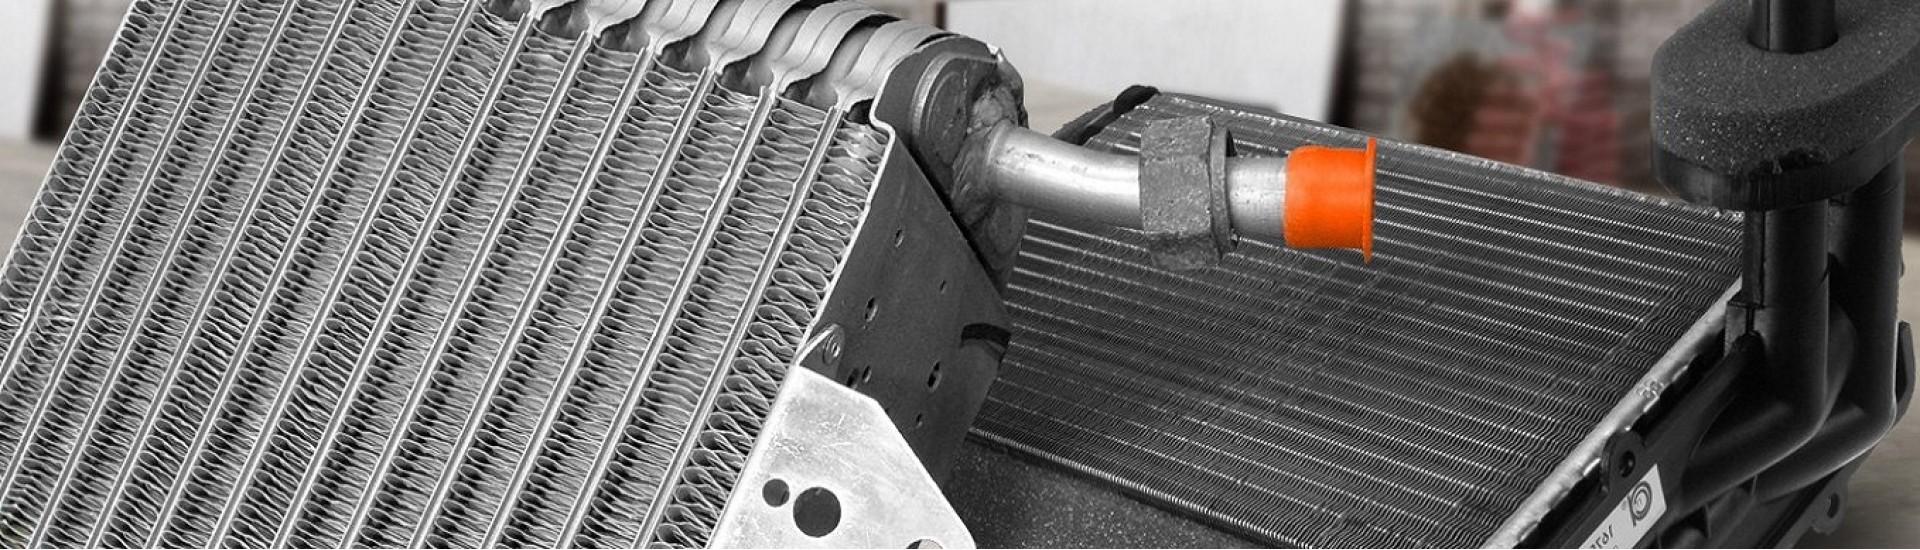 رادیاتور بخاری ، قیمت رادیاتور بخاری ، heater cores